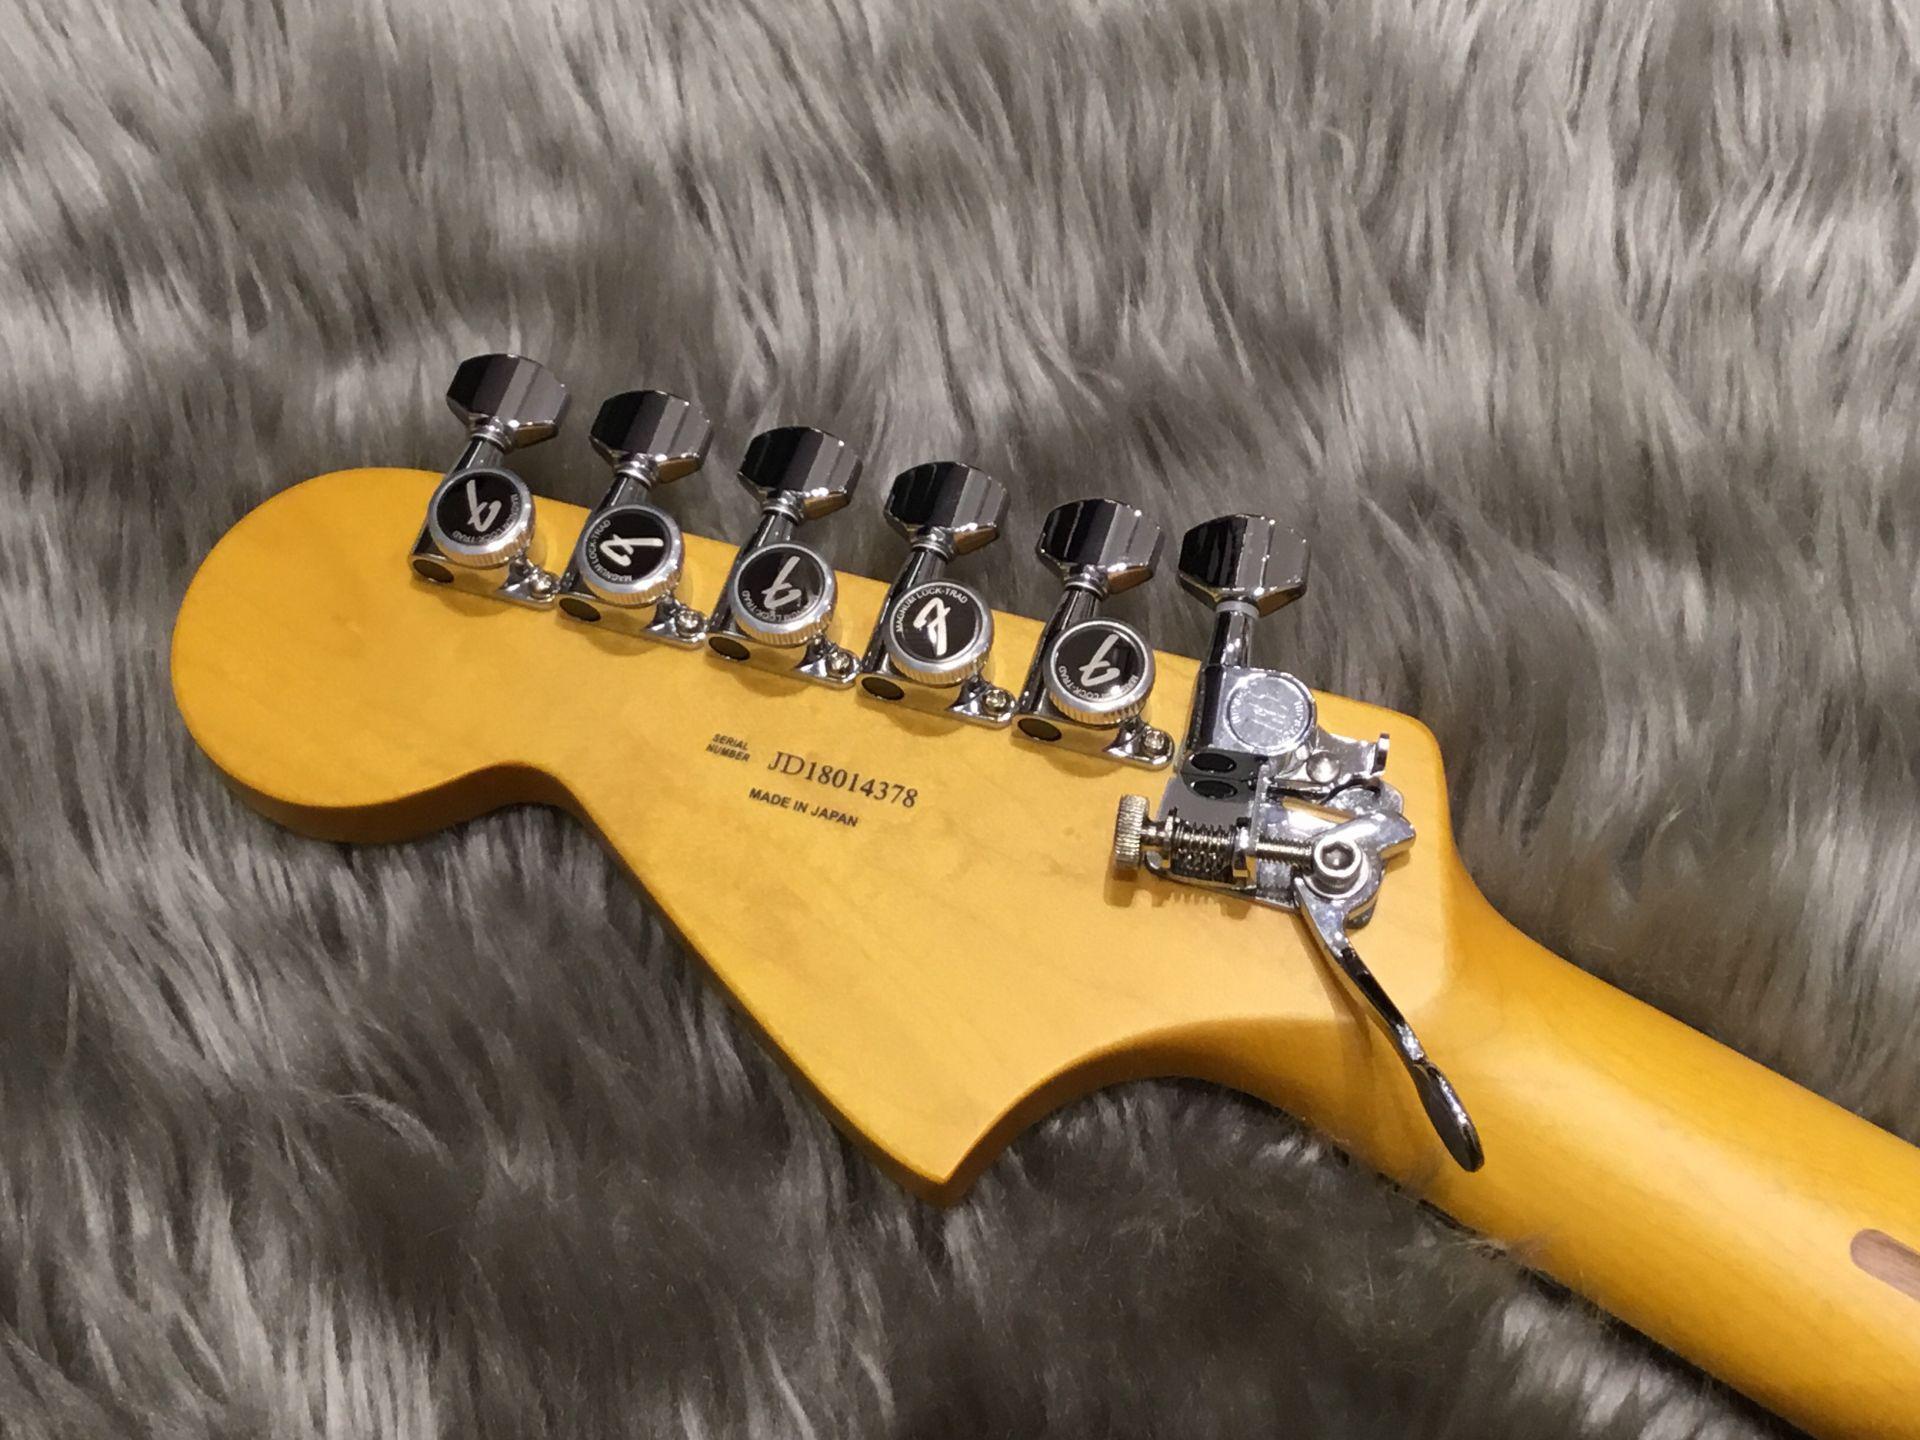 Jean-Ken Johnny Jaguarのヘッド裏-アップ画像